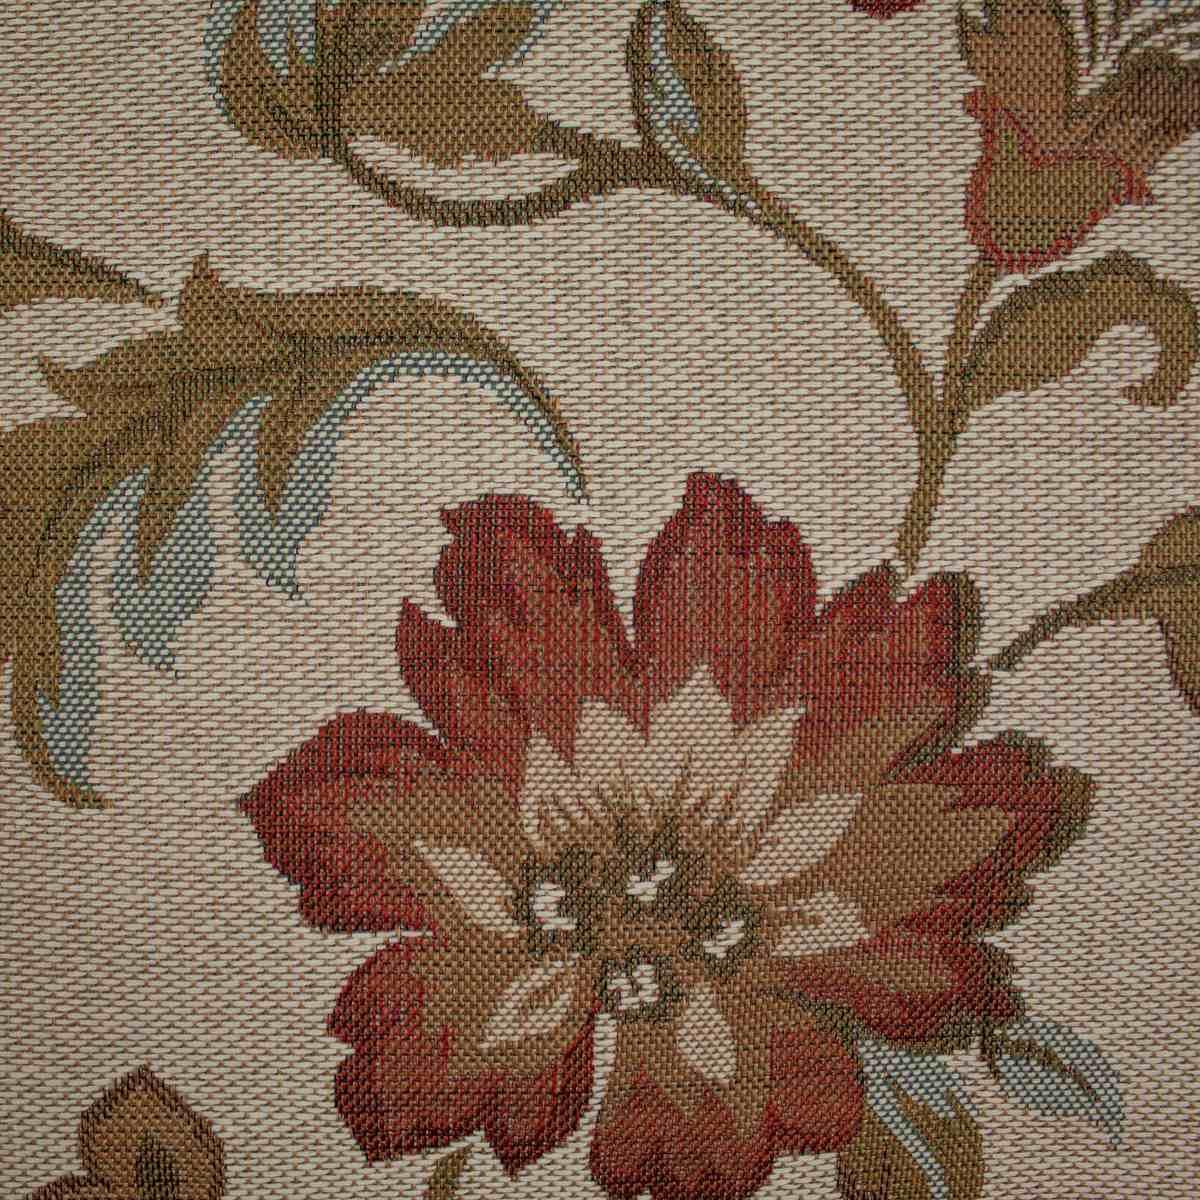 Tecido Gobelem Pixel Floral 2 Cr 250 R 51 98 Em Mercado Livre